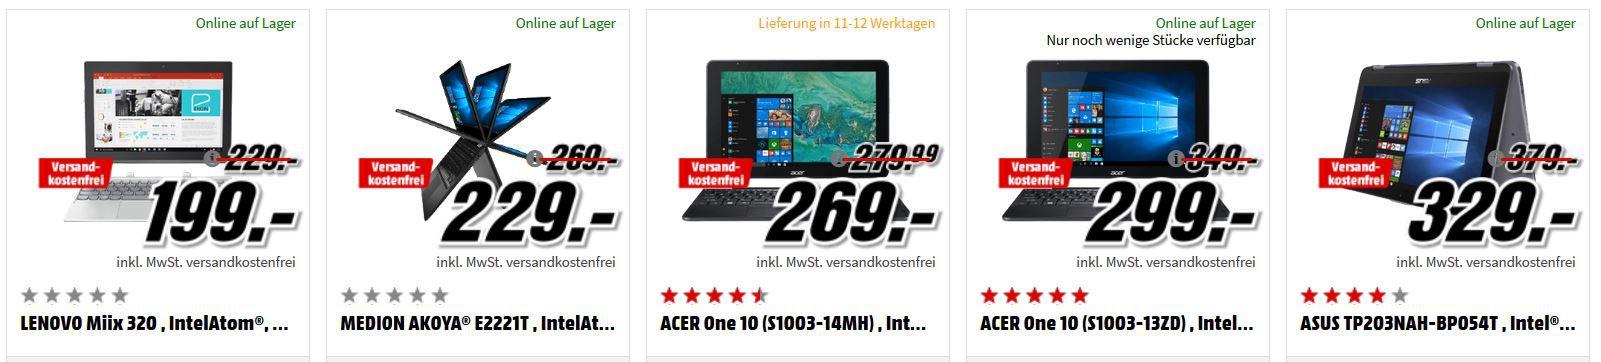 Media Markt Tiefpreisspätschicht: günstige Notebooks und Convertibles